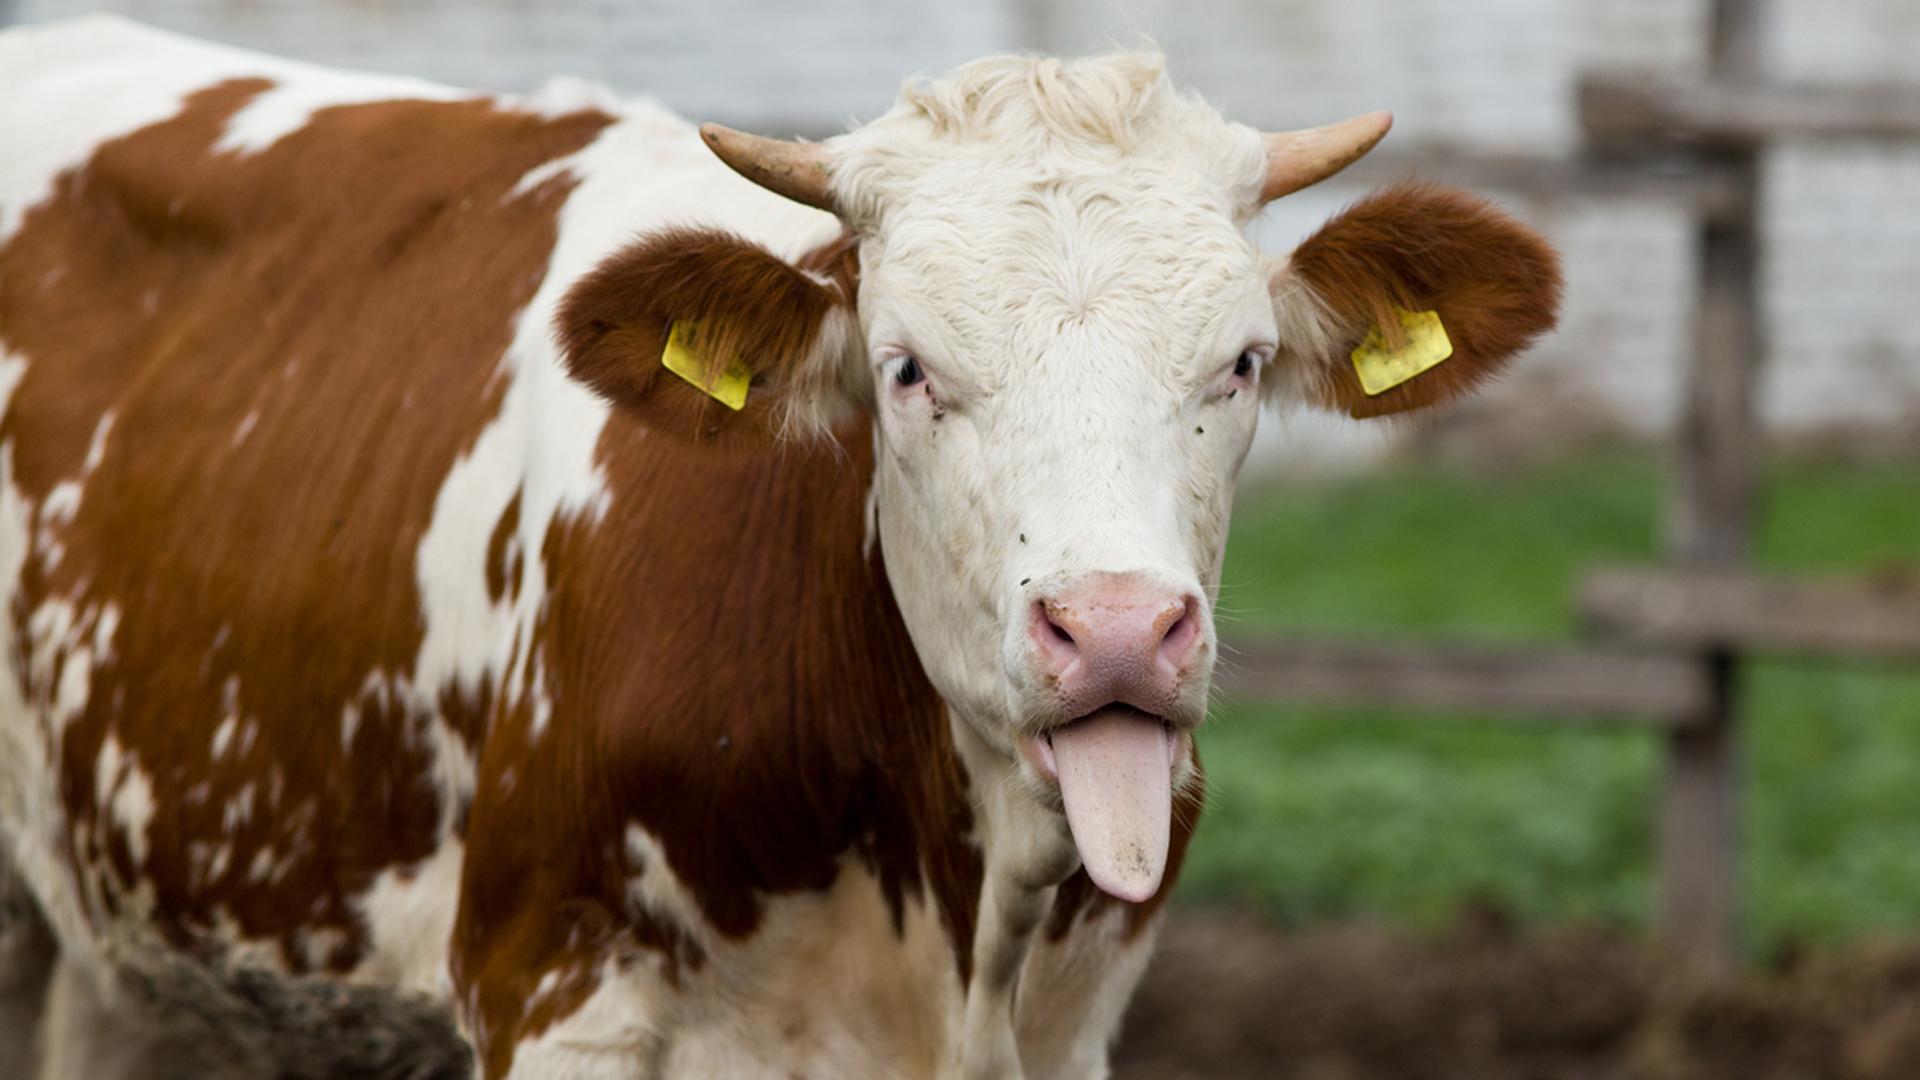 Las vacas marrones o con manchas marrones, responsables de la leche chocolatada para el 7% de los estadounidenses